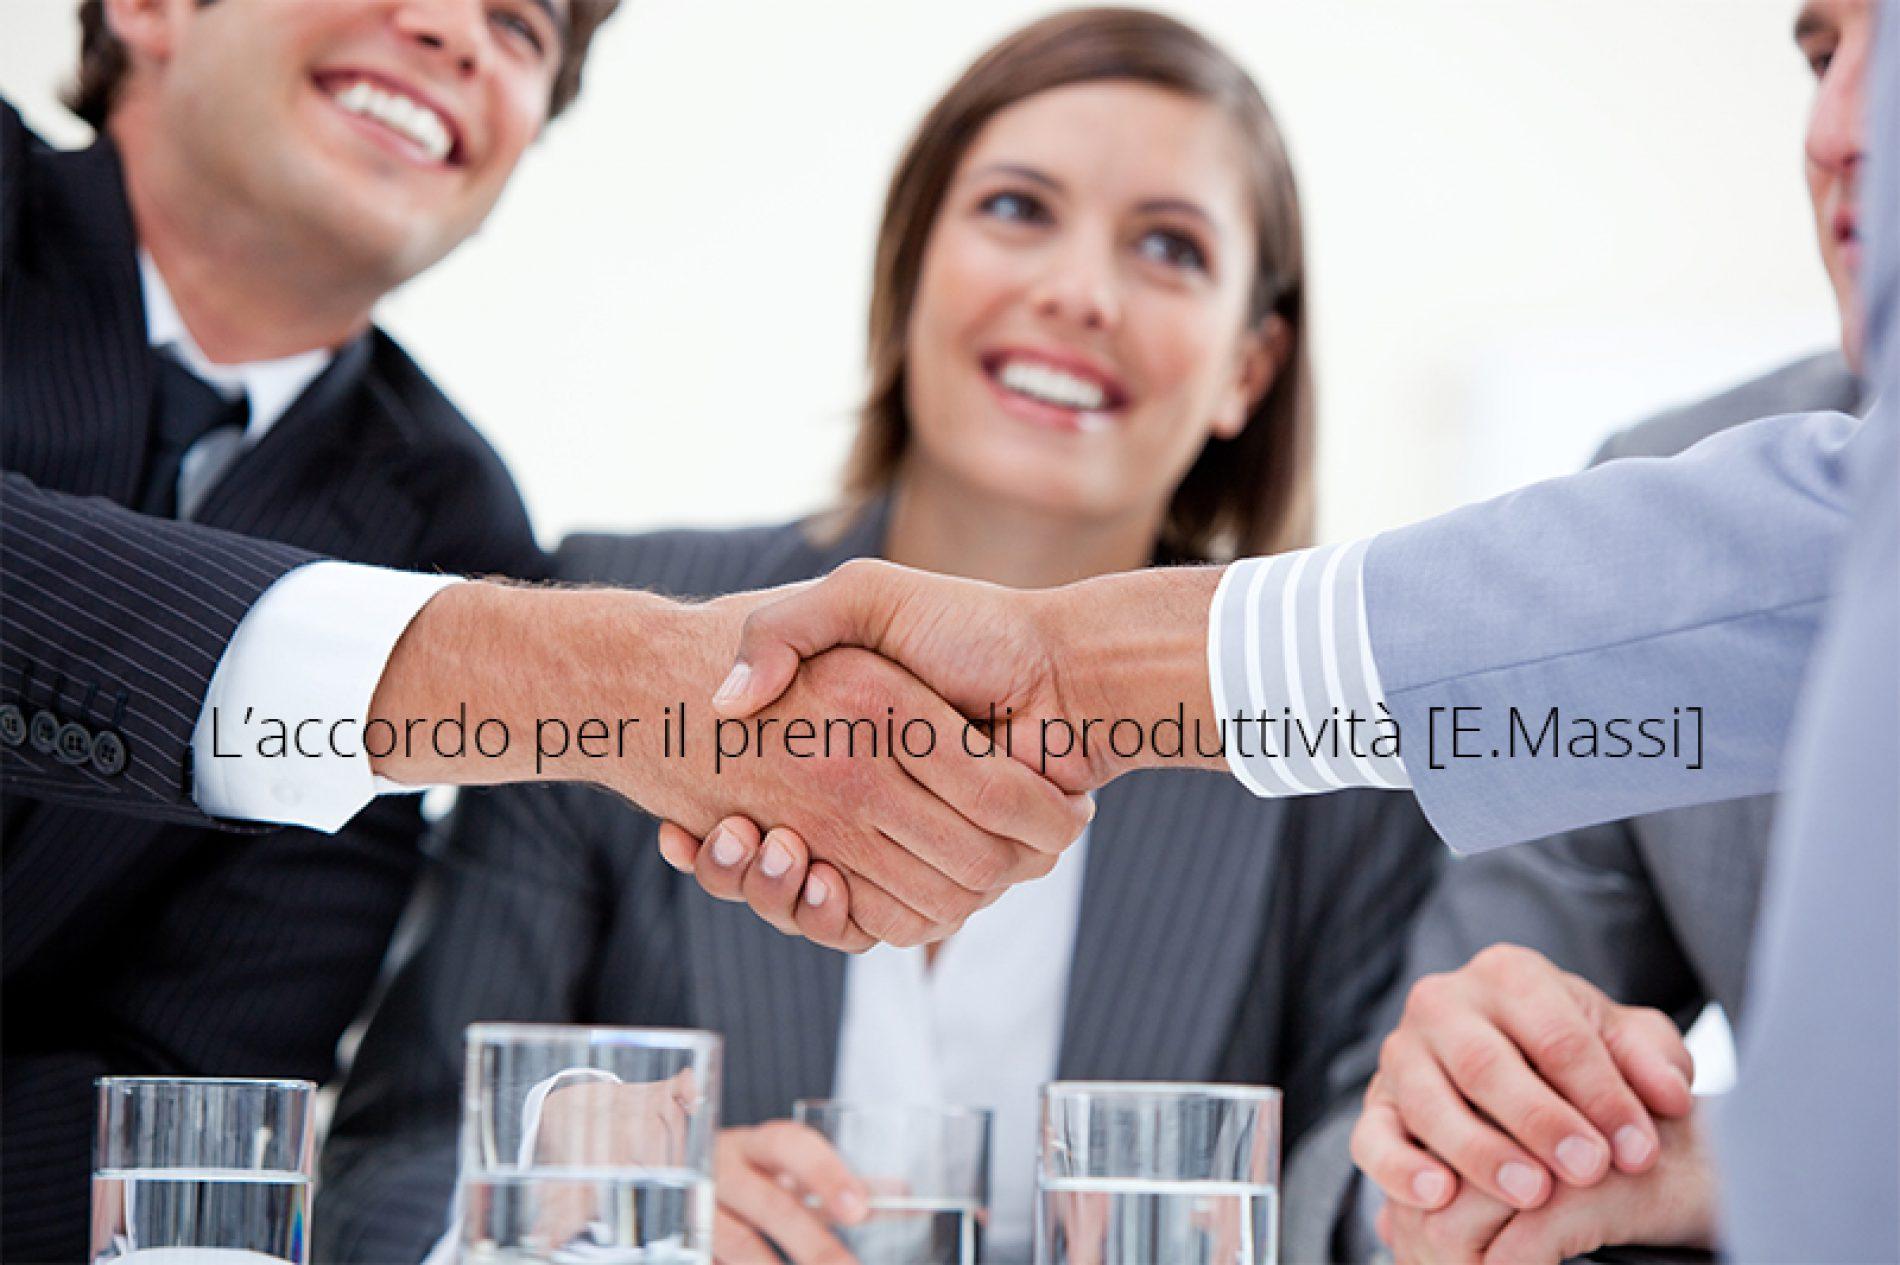 L'accordo per il premio di produttività [E.Massi]